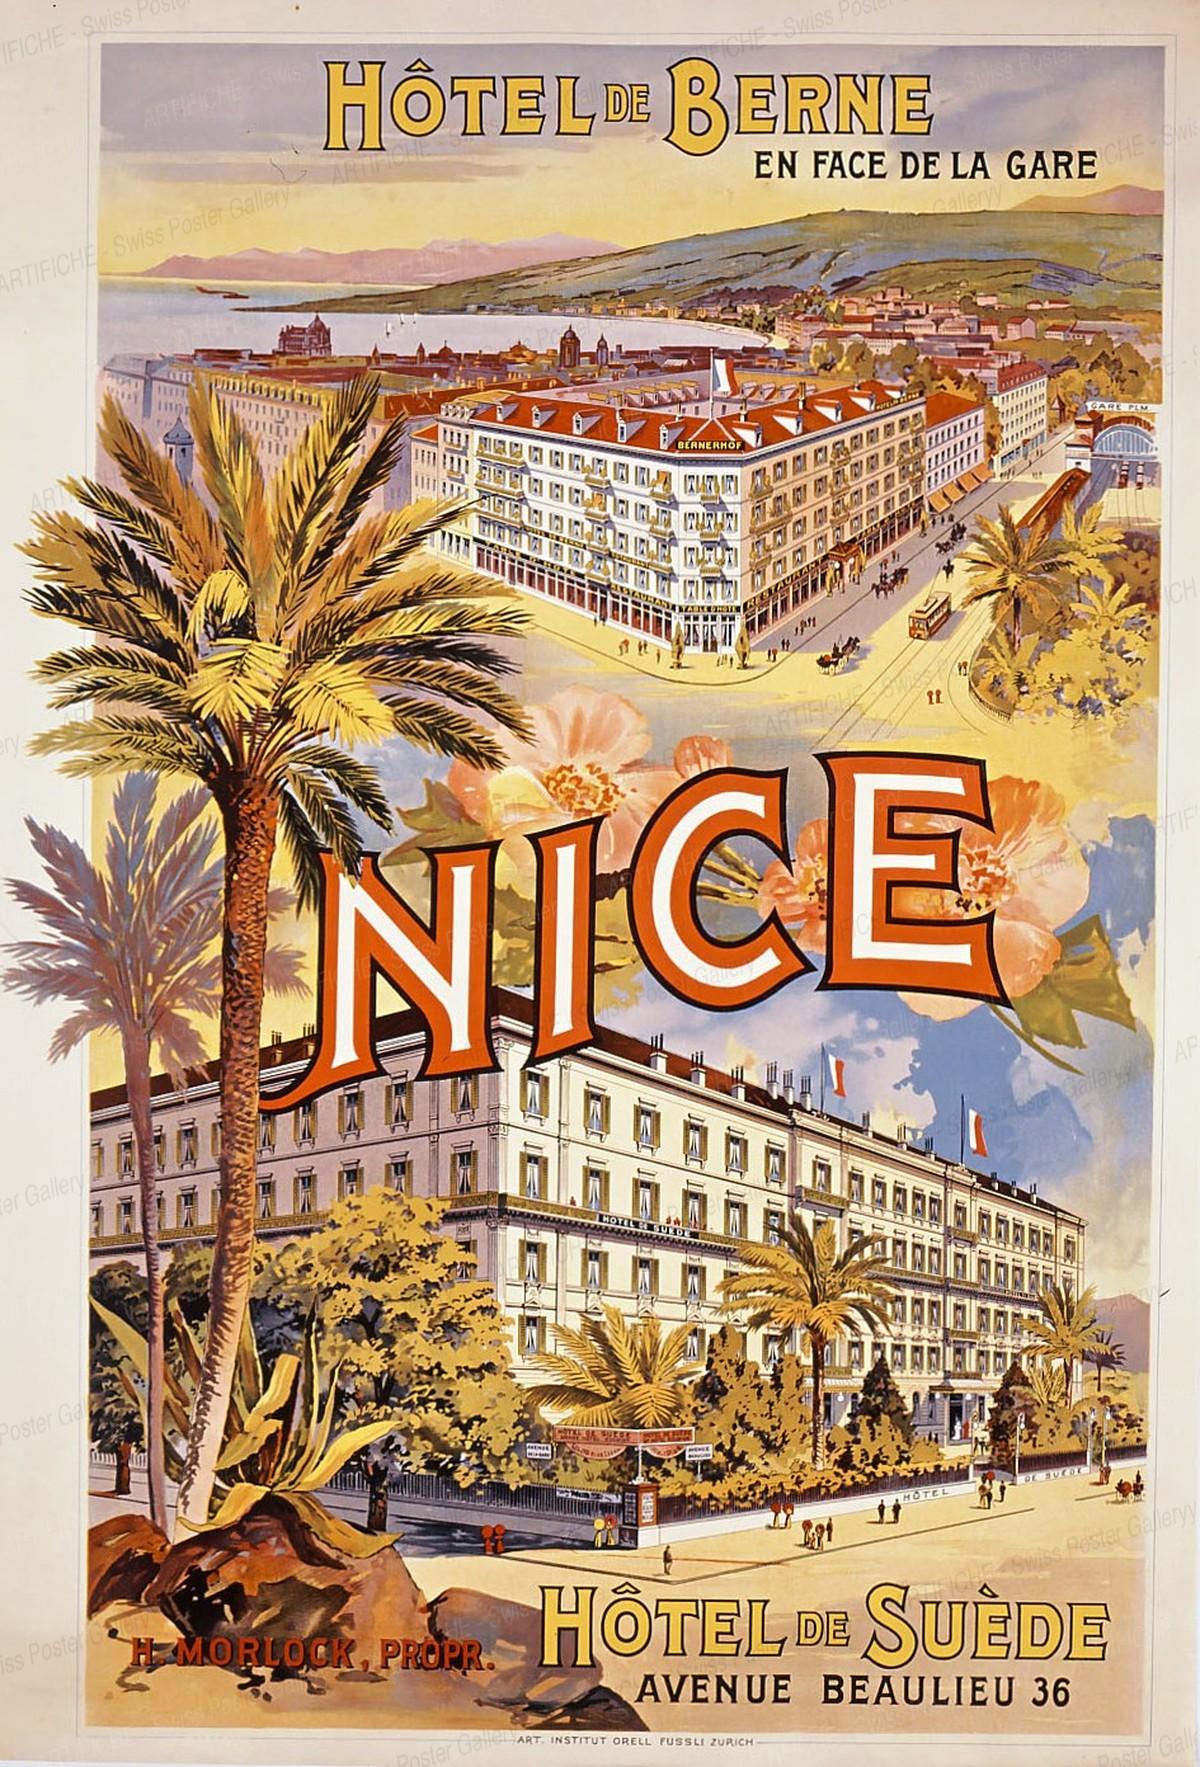 NICE – Hôtel de BERNE – En Face de la Gare – Hôtel de SUÈDE – Avenue Beaulieu 36, Artist unknown